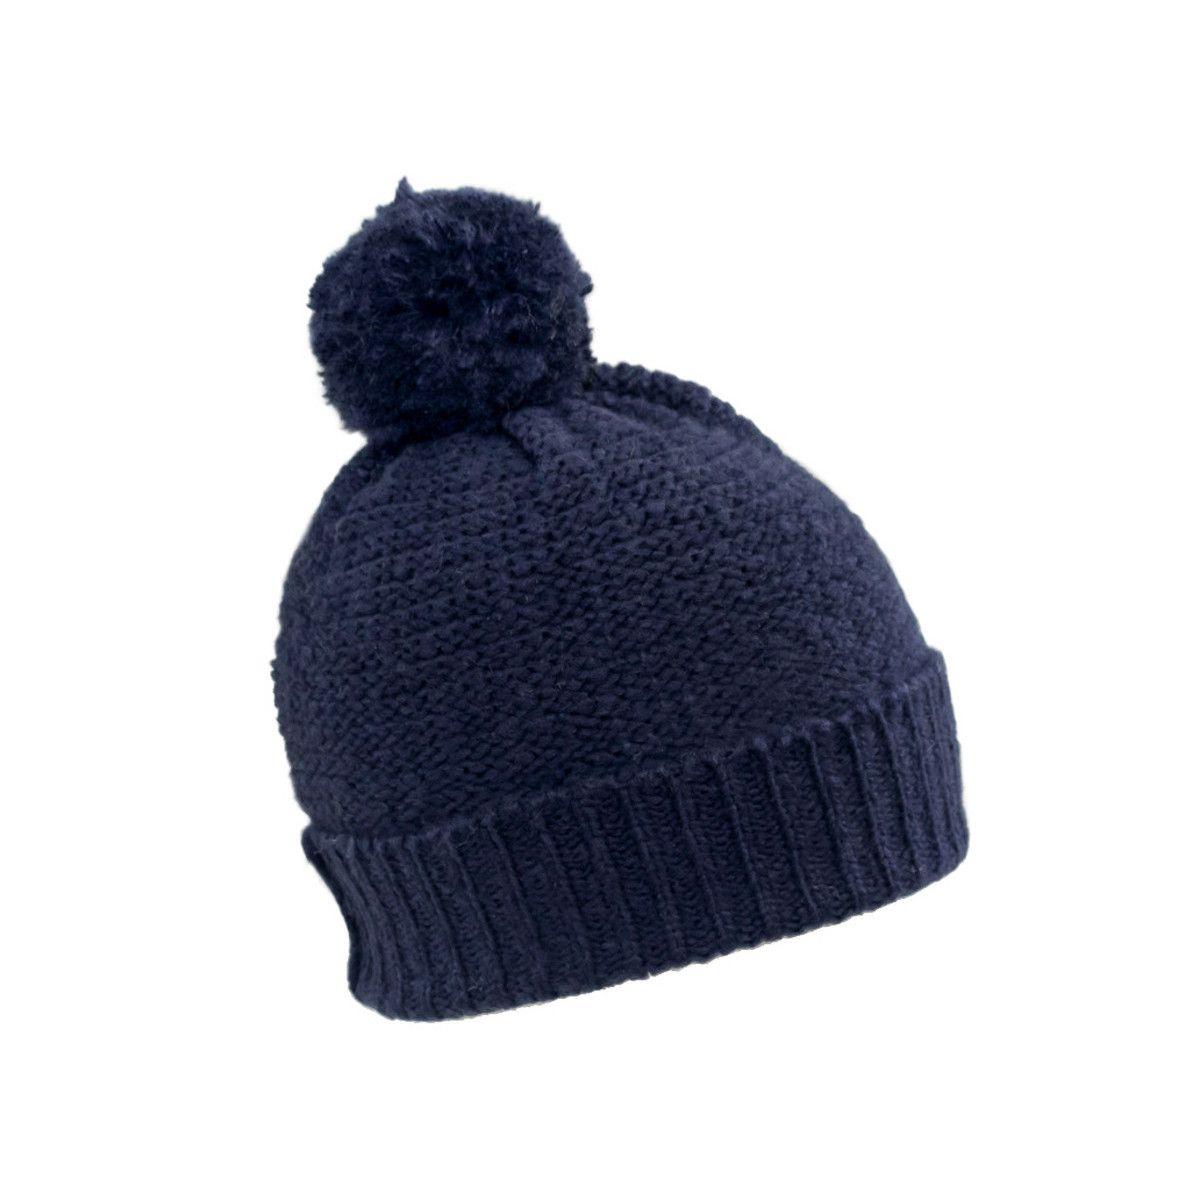 Bonnet laine pompon bleu marine